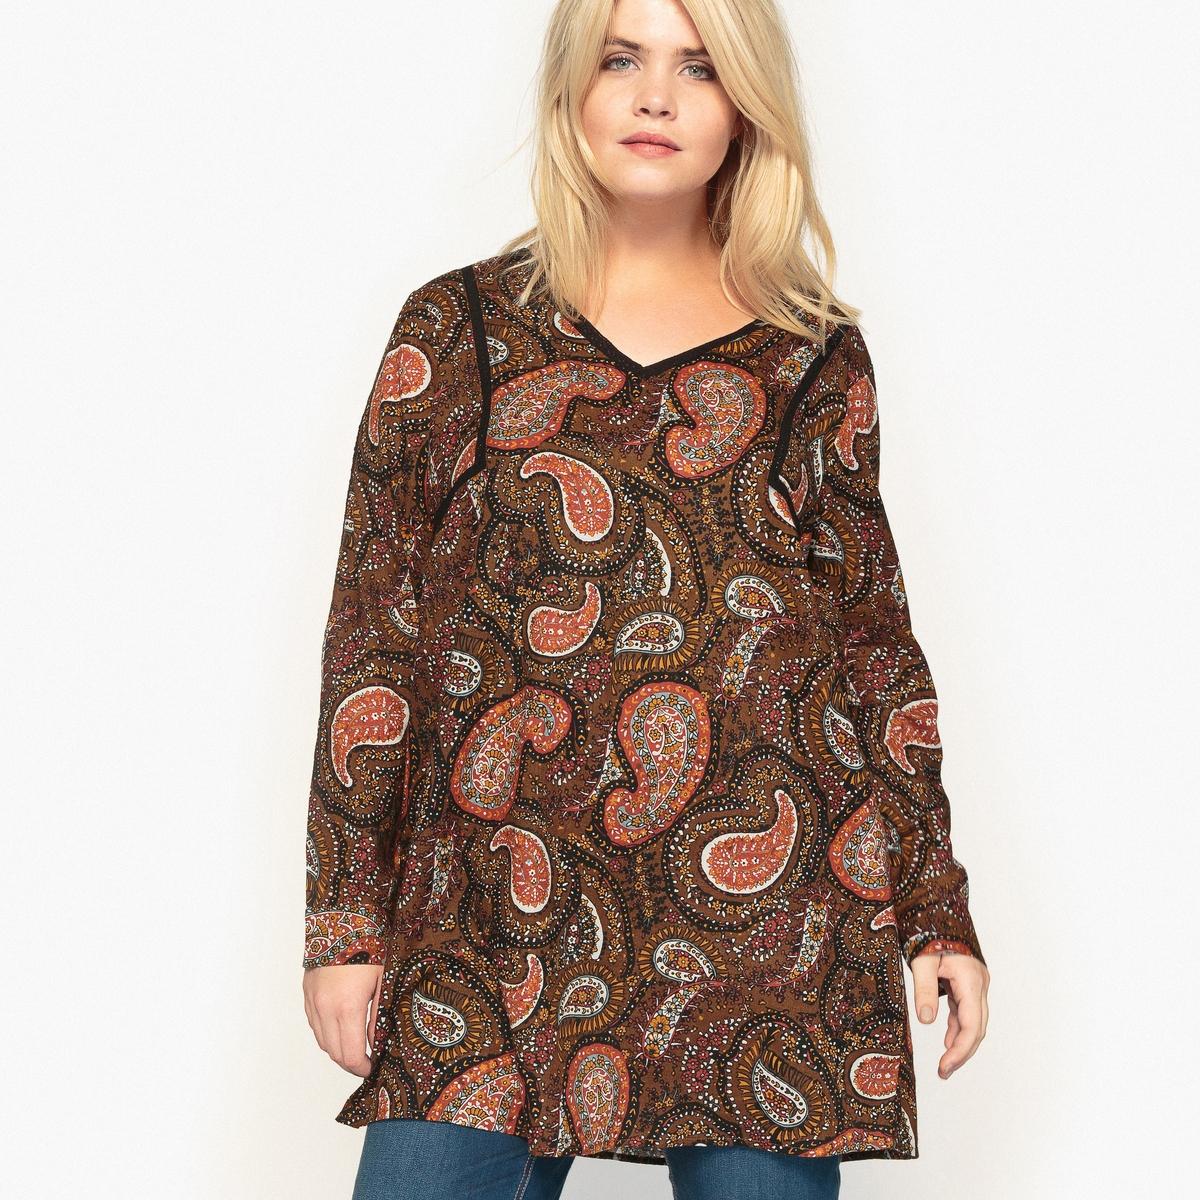 Блузка длинная с принтом, V-образным вырезом и длинными рукавамиВ этой блузке с кашемировым рисунком есть все, чтобы нам понравится . Симпатичный богемный стиль  . Эту длинную блузку можно носить поверх джинсов Детали •  Длинные рукава •  Прямой покрой •  Воротник-поло, рубашечный •  Рисунок в горошекСостав и уход •  100% хлопок •  Температура стирки 30°   •  Сухая чистка и отбеливание запрещены •  Не использовать барабанную сушку •  Низкая температура глажкиТовар из коллекции больших размеров<br><br>Цвет: рисунок пейсли<br>Размер: 48 (FR) - 54 (RUS).46 (FR) - 52 (RUS).52 (FR) - 58 (RUS).58 (FR) - 64 (RUS)